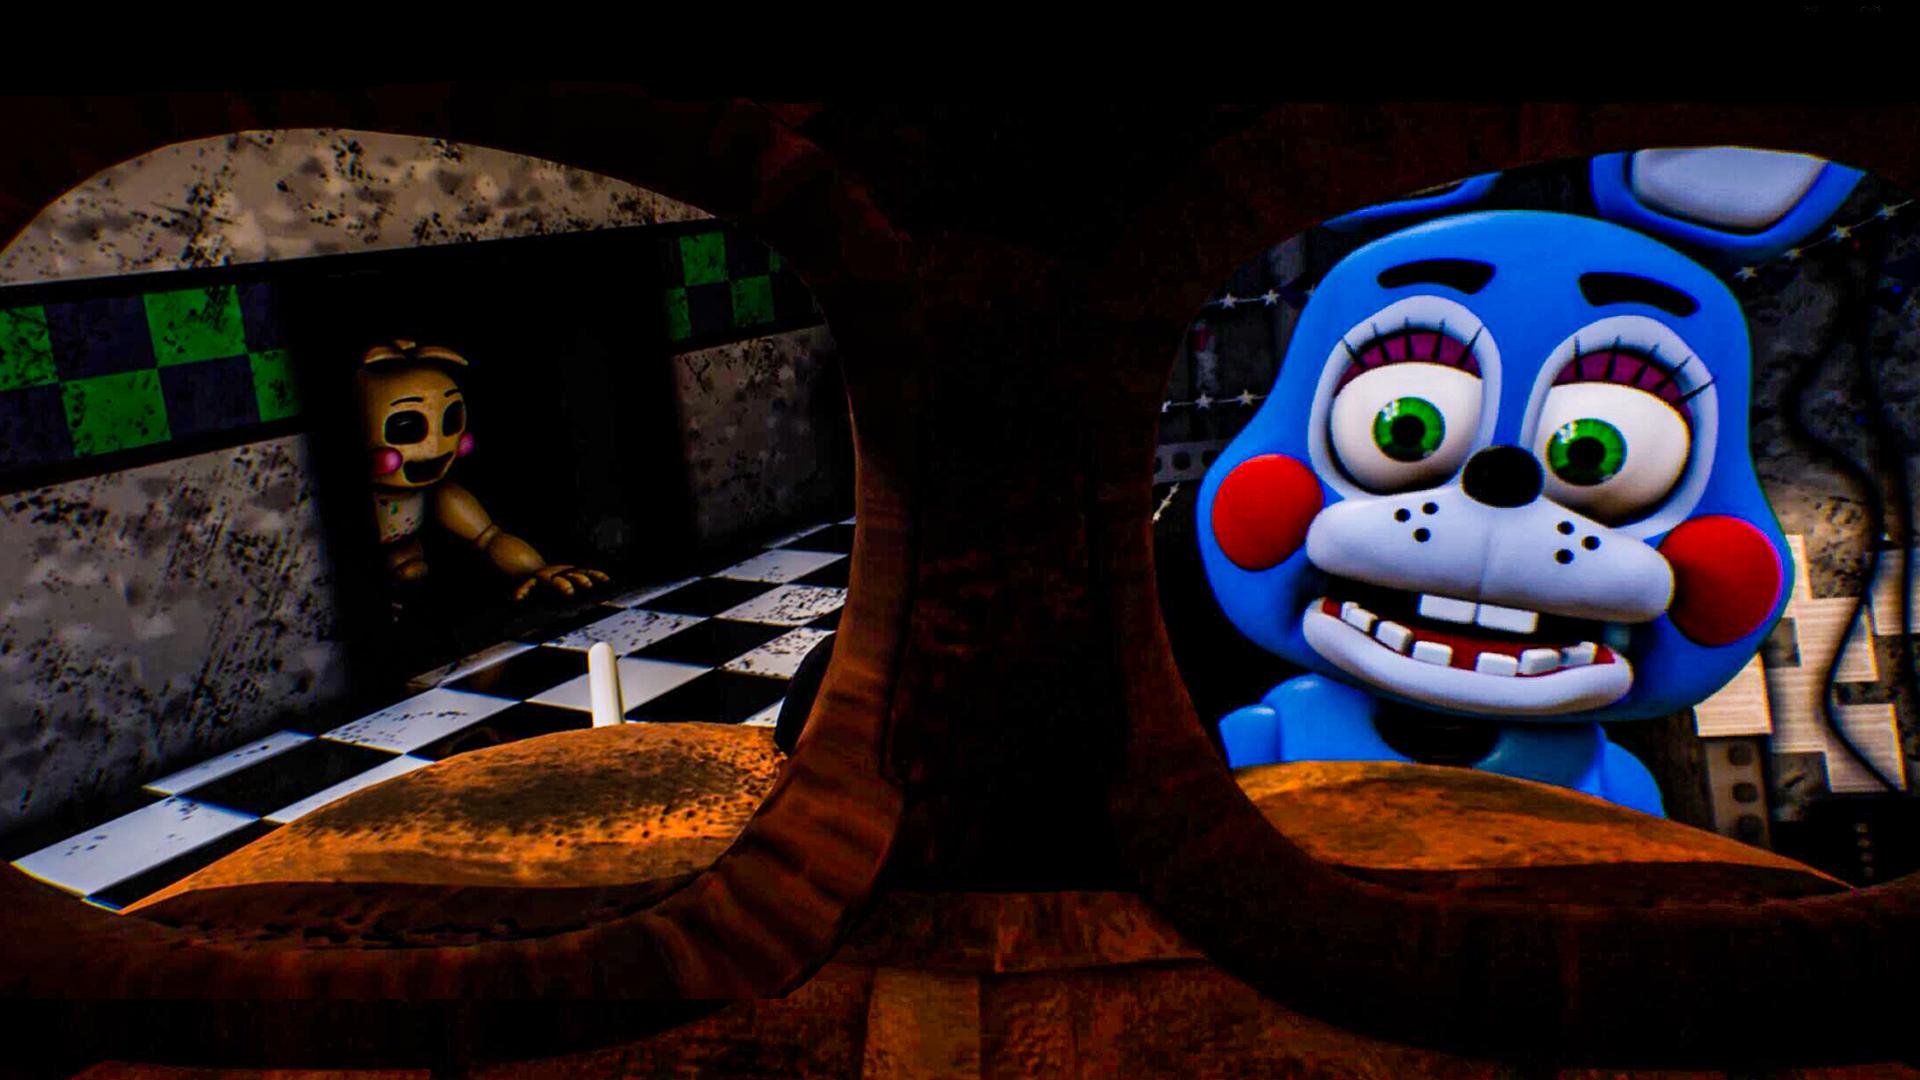 玩具熊VR版:新型玩具在第二夜疯狂袭击?极栗解说